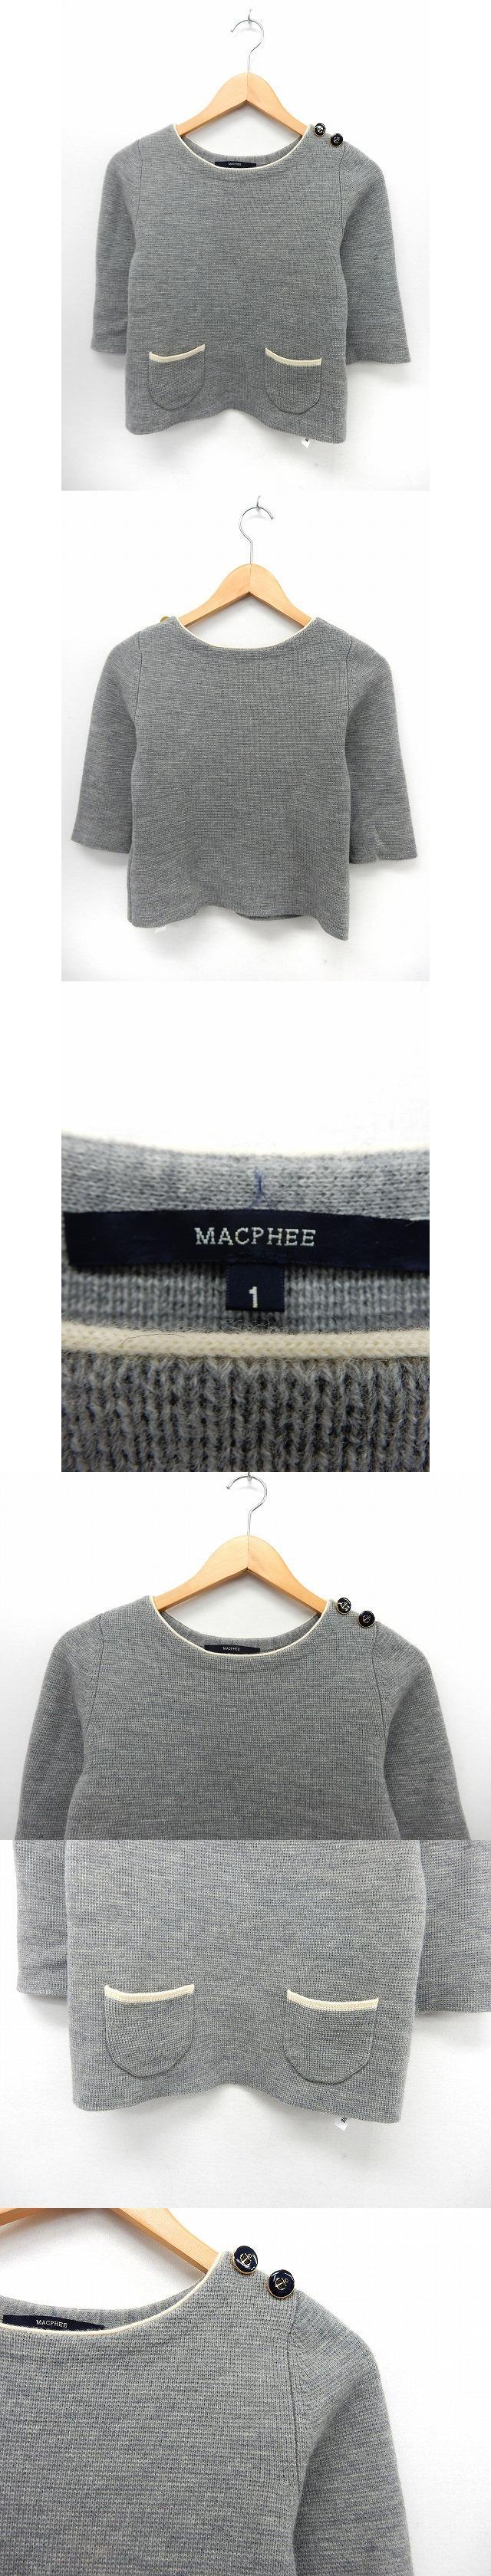 セーター ニット カットソー 七分袖 ショルダーボタン ポケット 1 グレー /ST40